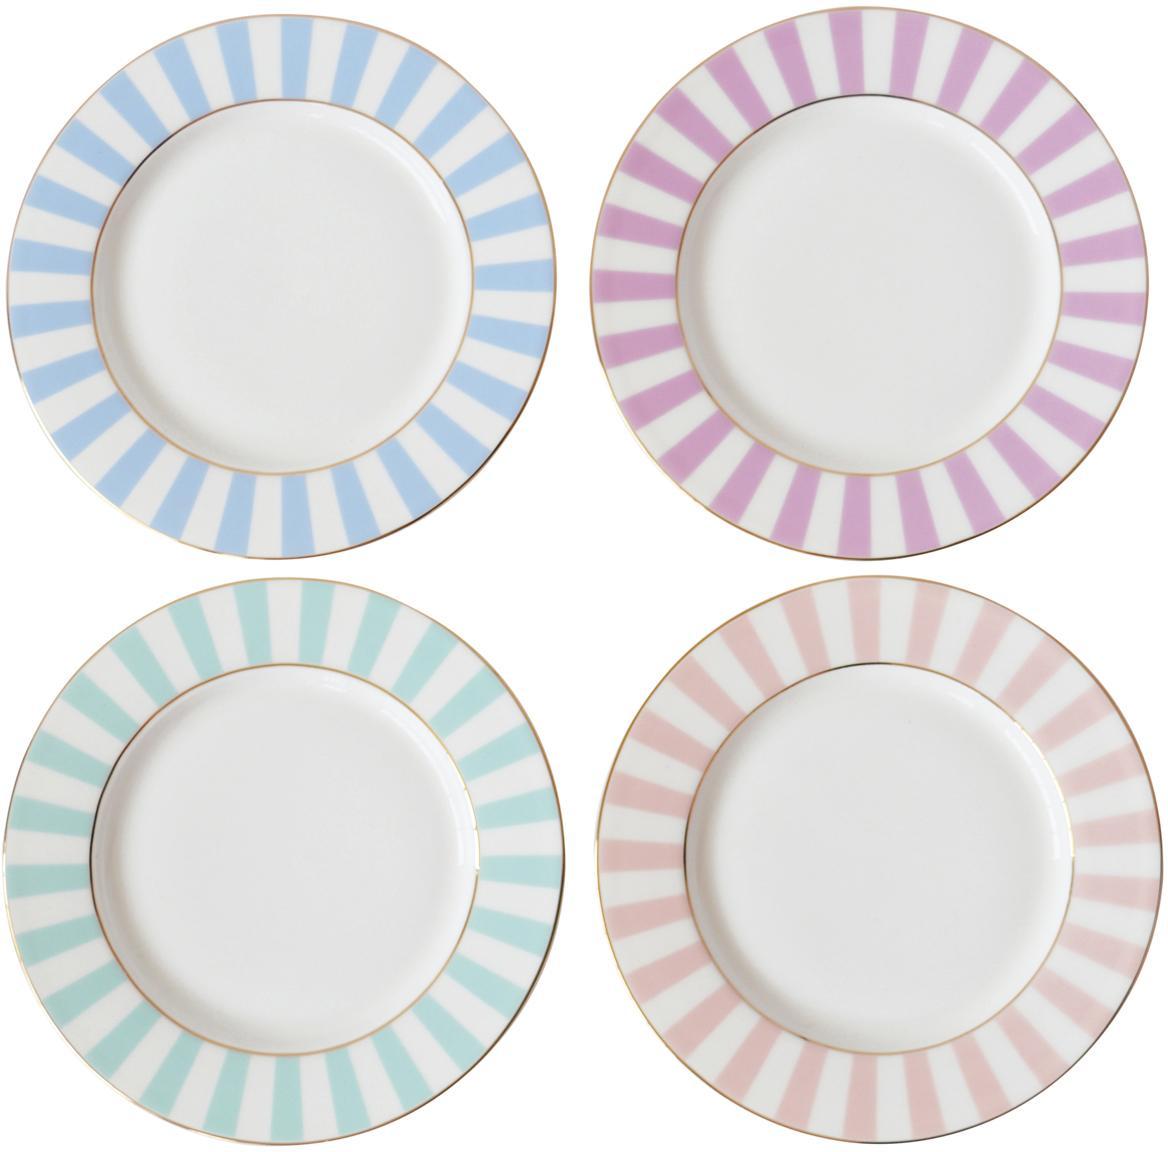 Komplet talerzy śniadaniowych Stripy, 4elem., Porcelana chińska, Wielobarwny, Ø 19 cm